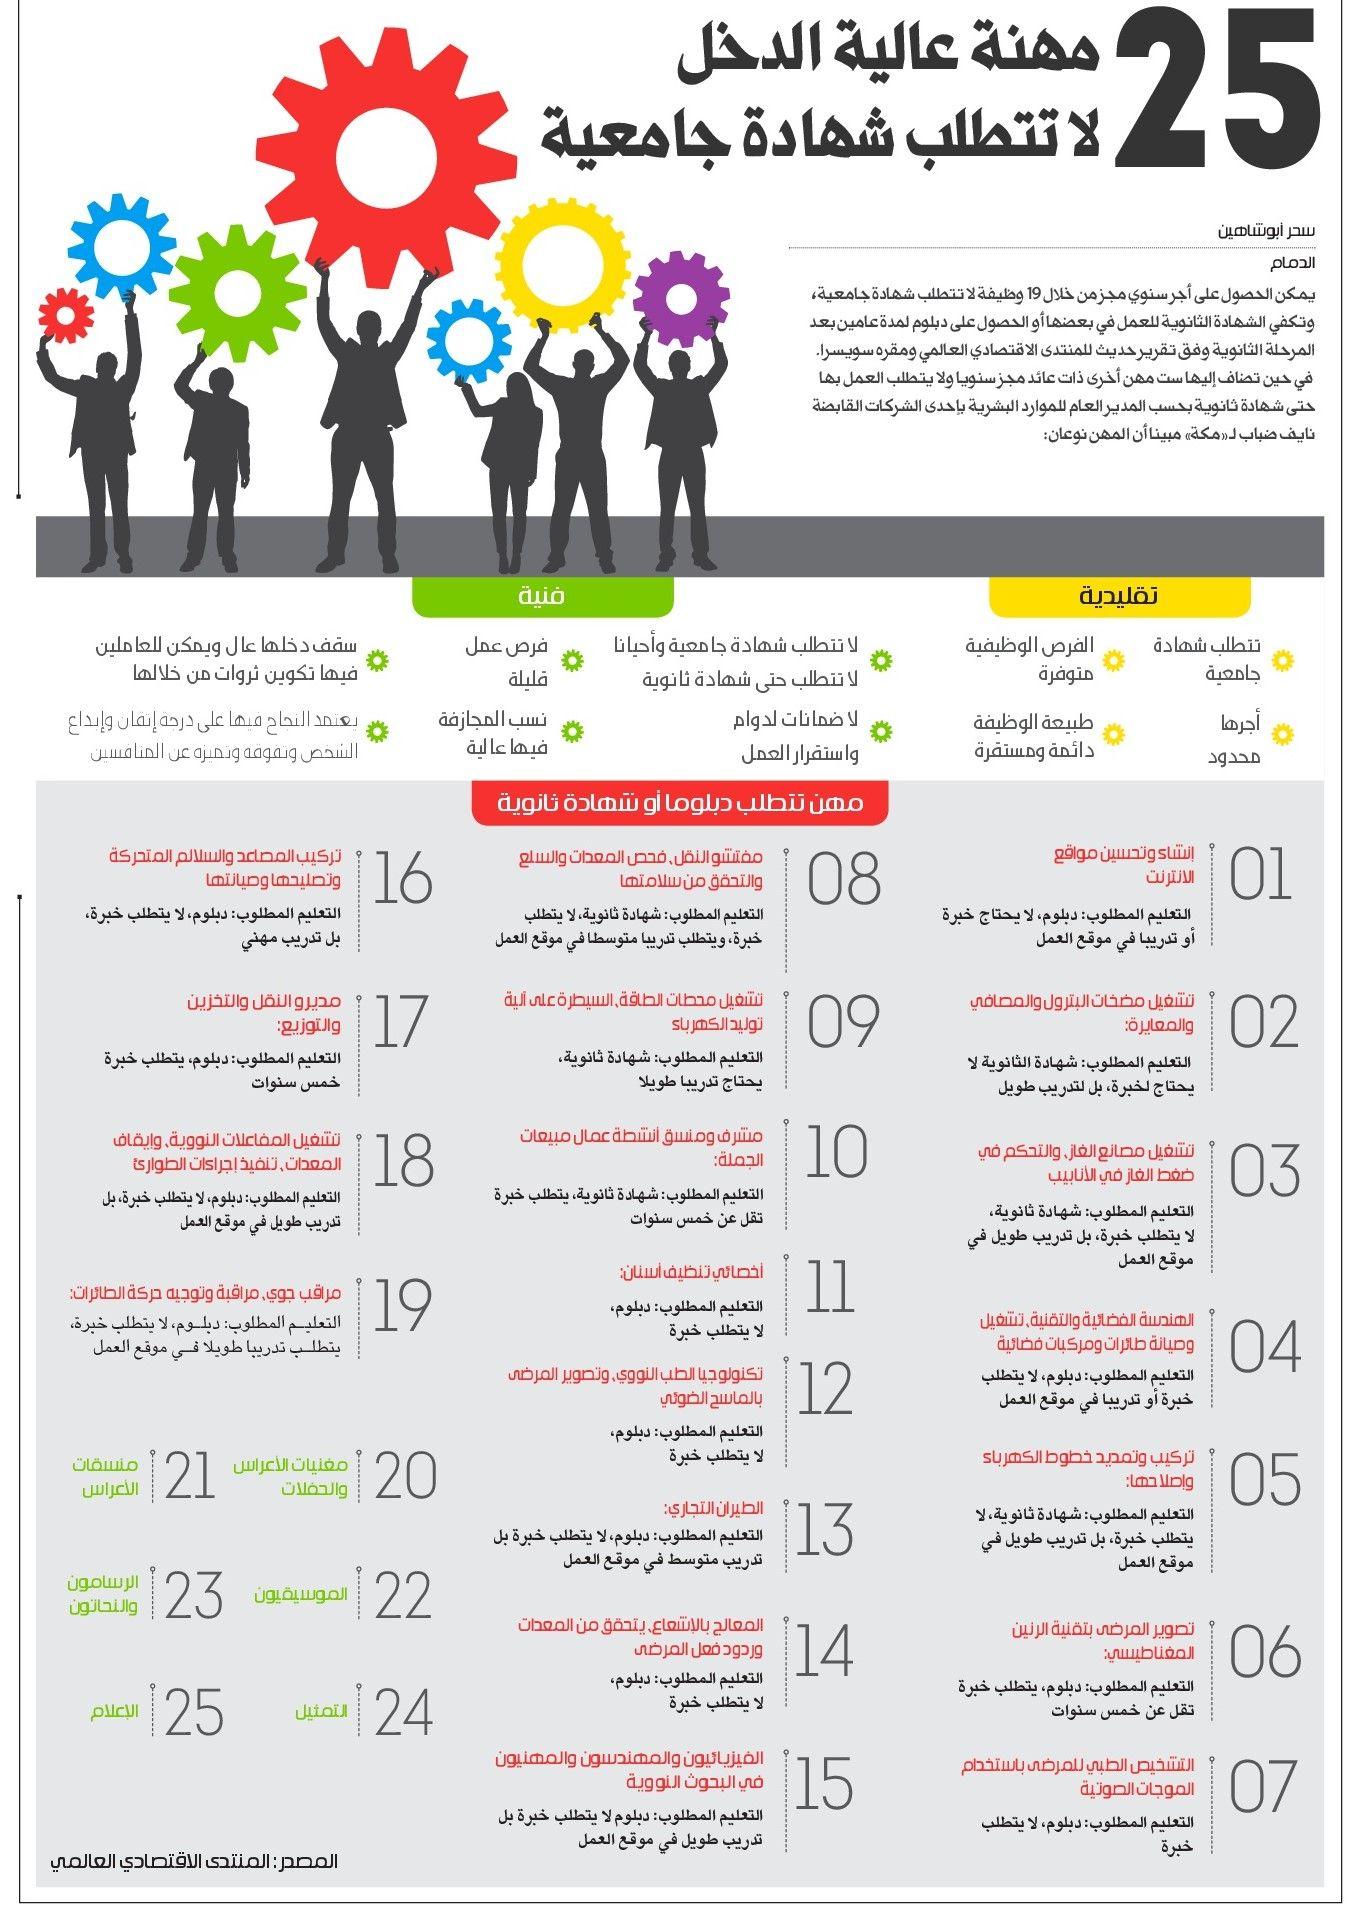 25 مهنة عالية الدخل لاتتطلب شهادة جامعية تعليم انفوجرافيك صحيفة مكة Infographic Graphic Design Ads